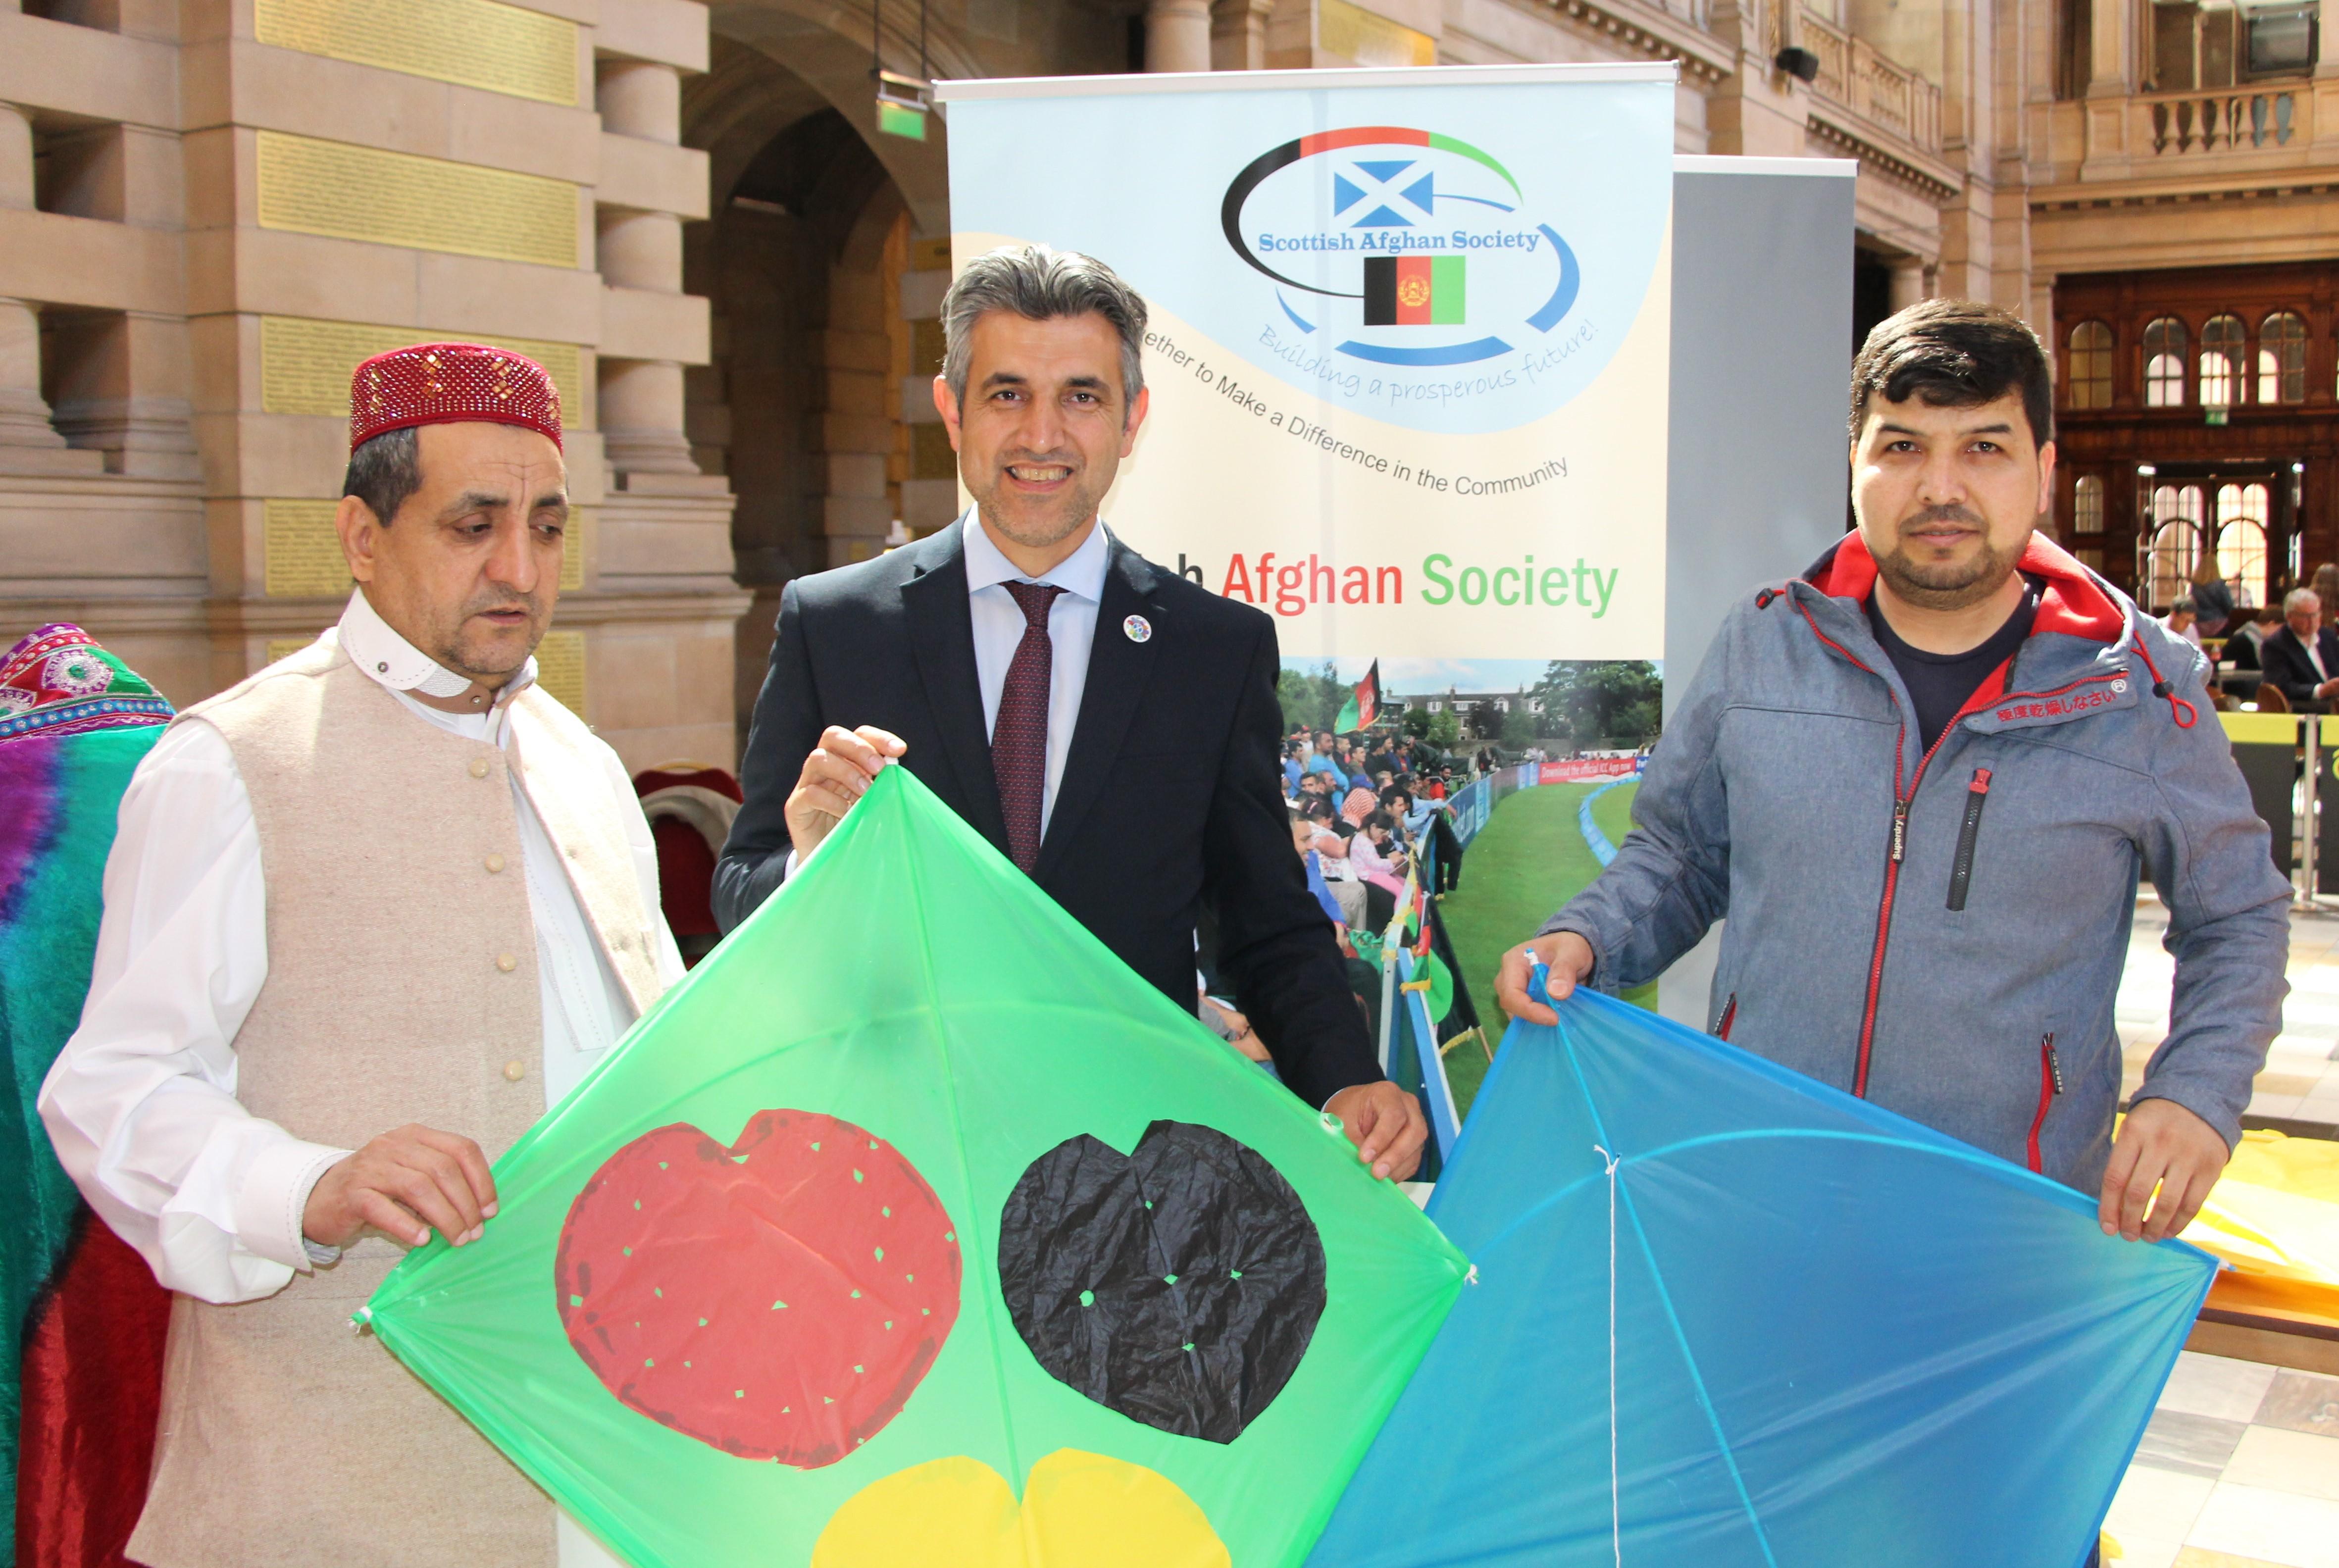 Community Storytelling Day with Scottish Afghan Society